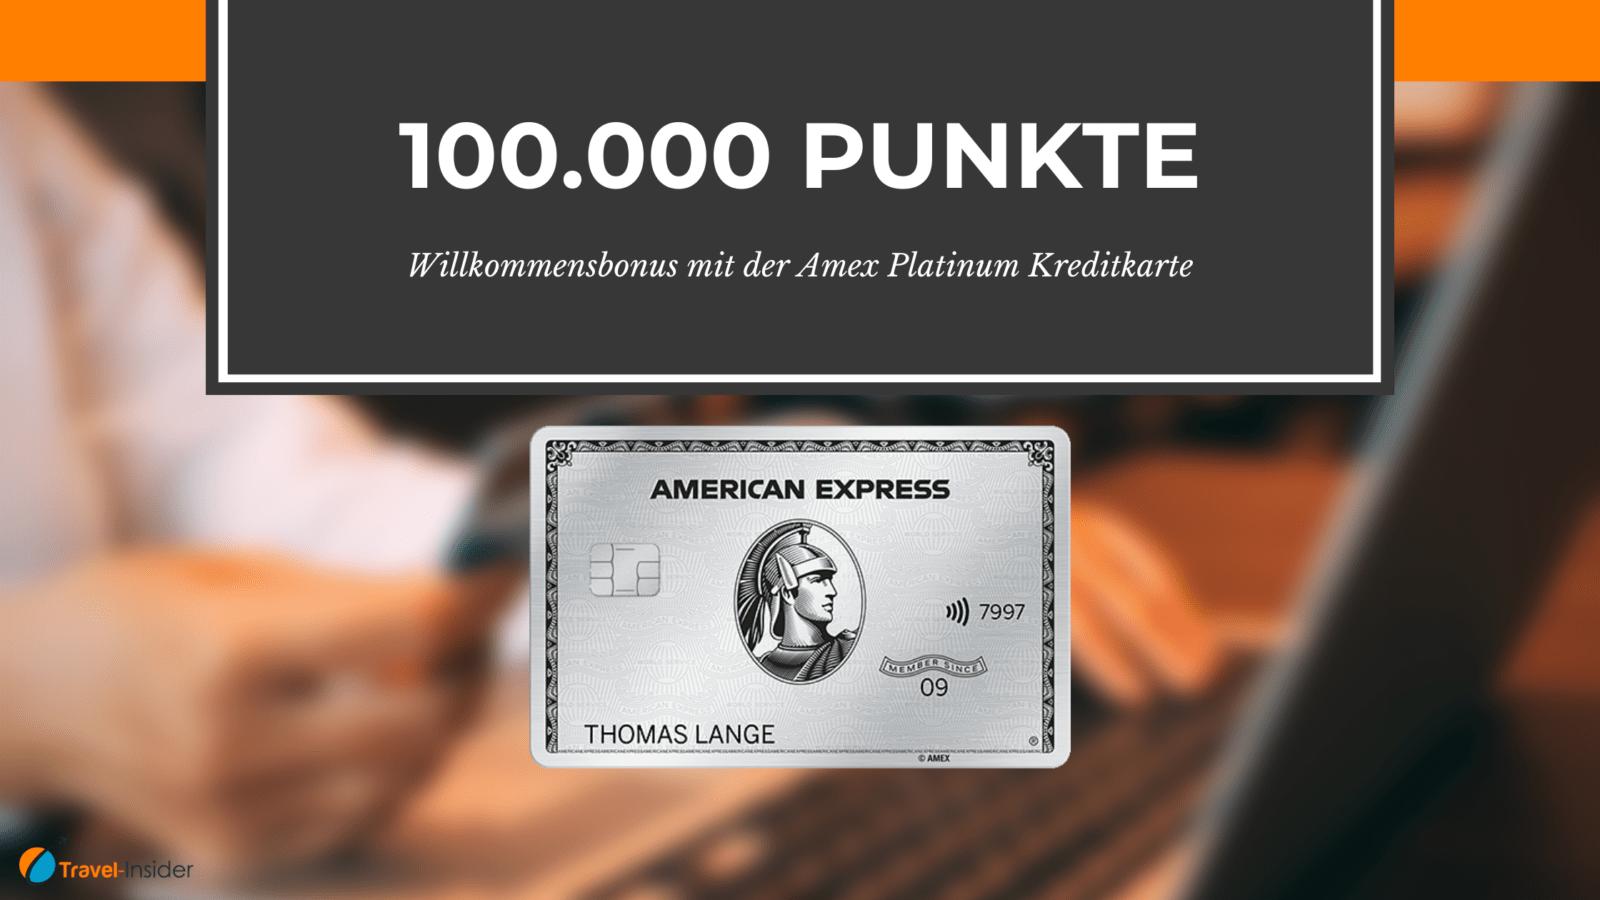 100.000 Punkte Willkommensbonus für die American Express Business Platinum Kreditkarte